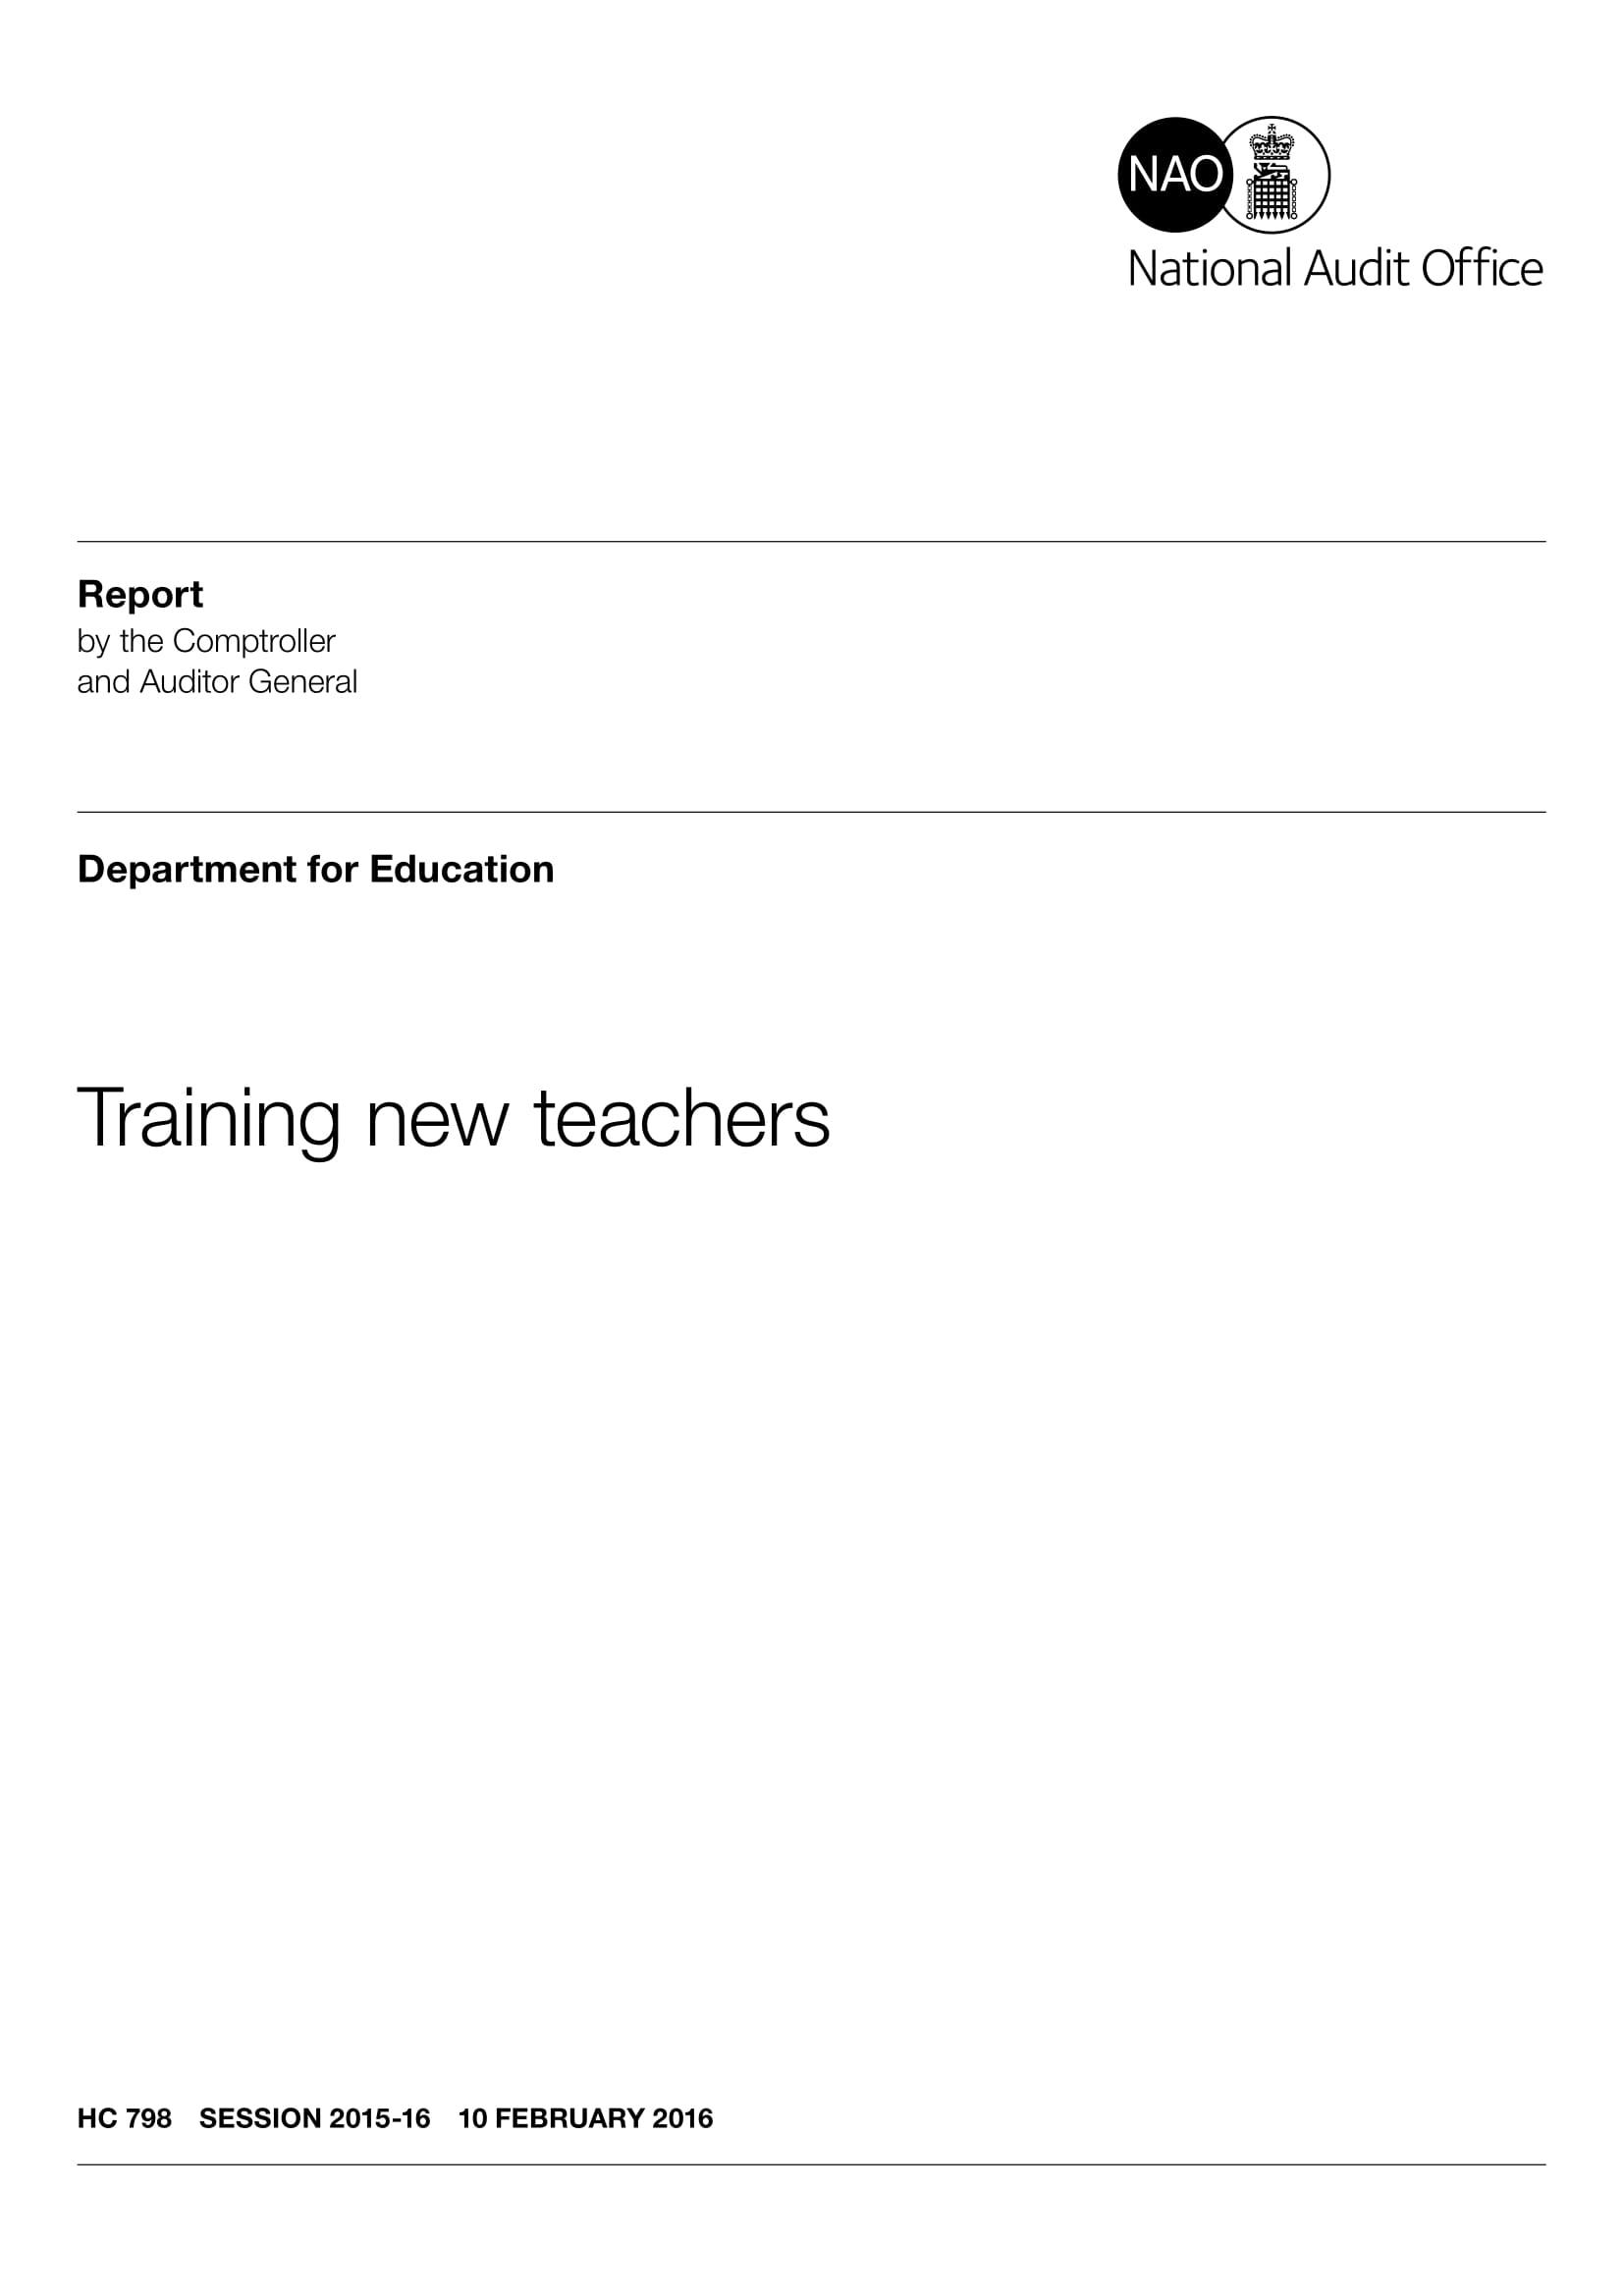 training summary for new teachers